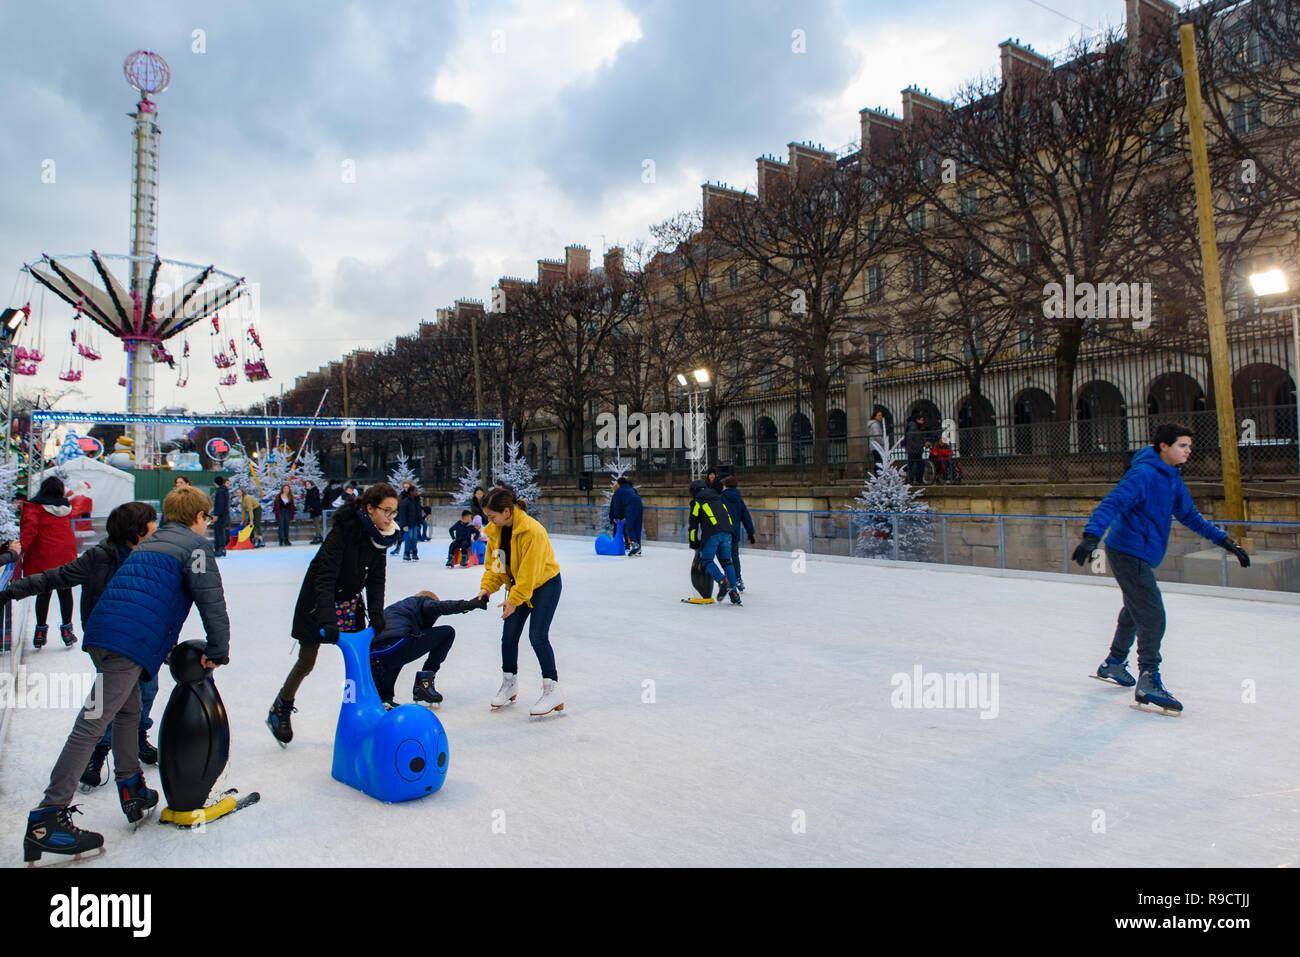 Patinoire De Marche De Noel Dans Le Jardin Des Tuileries Paris